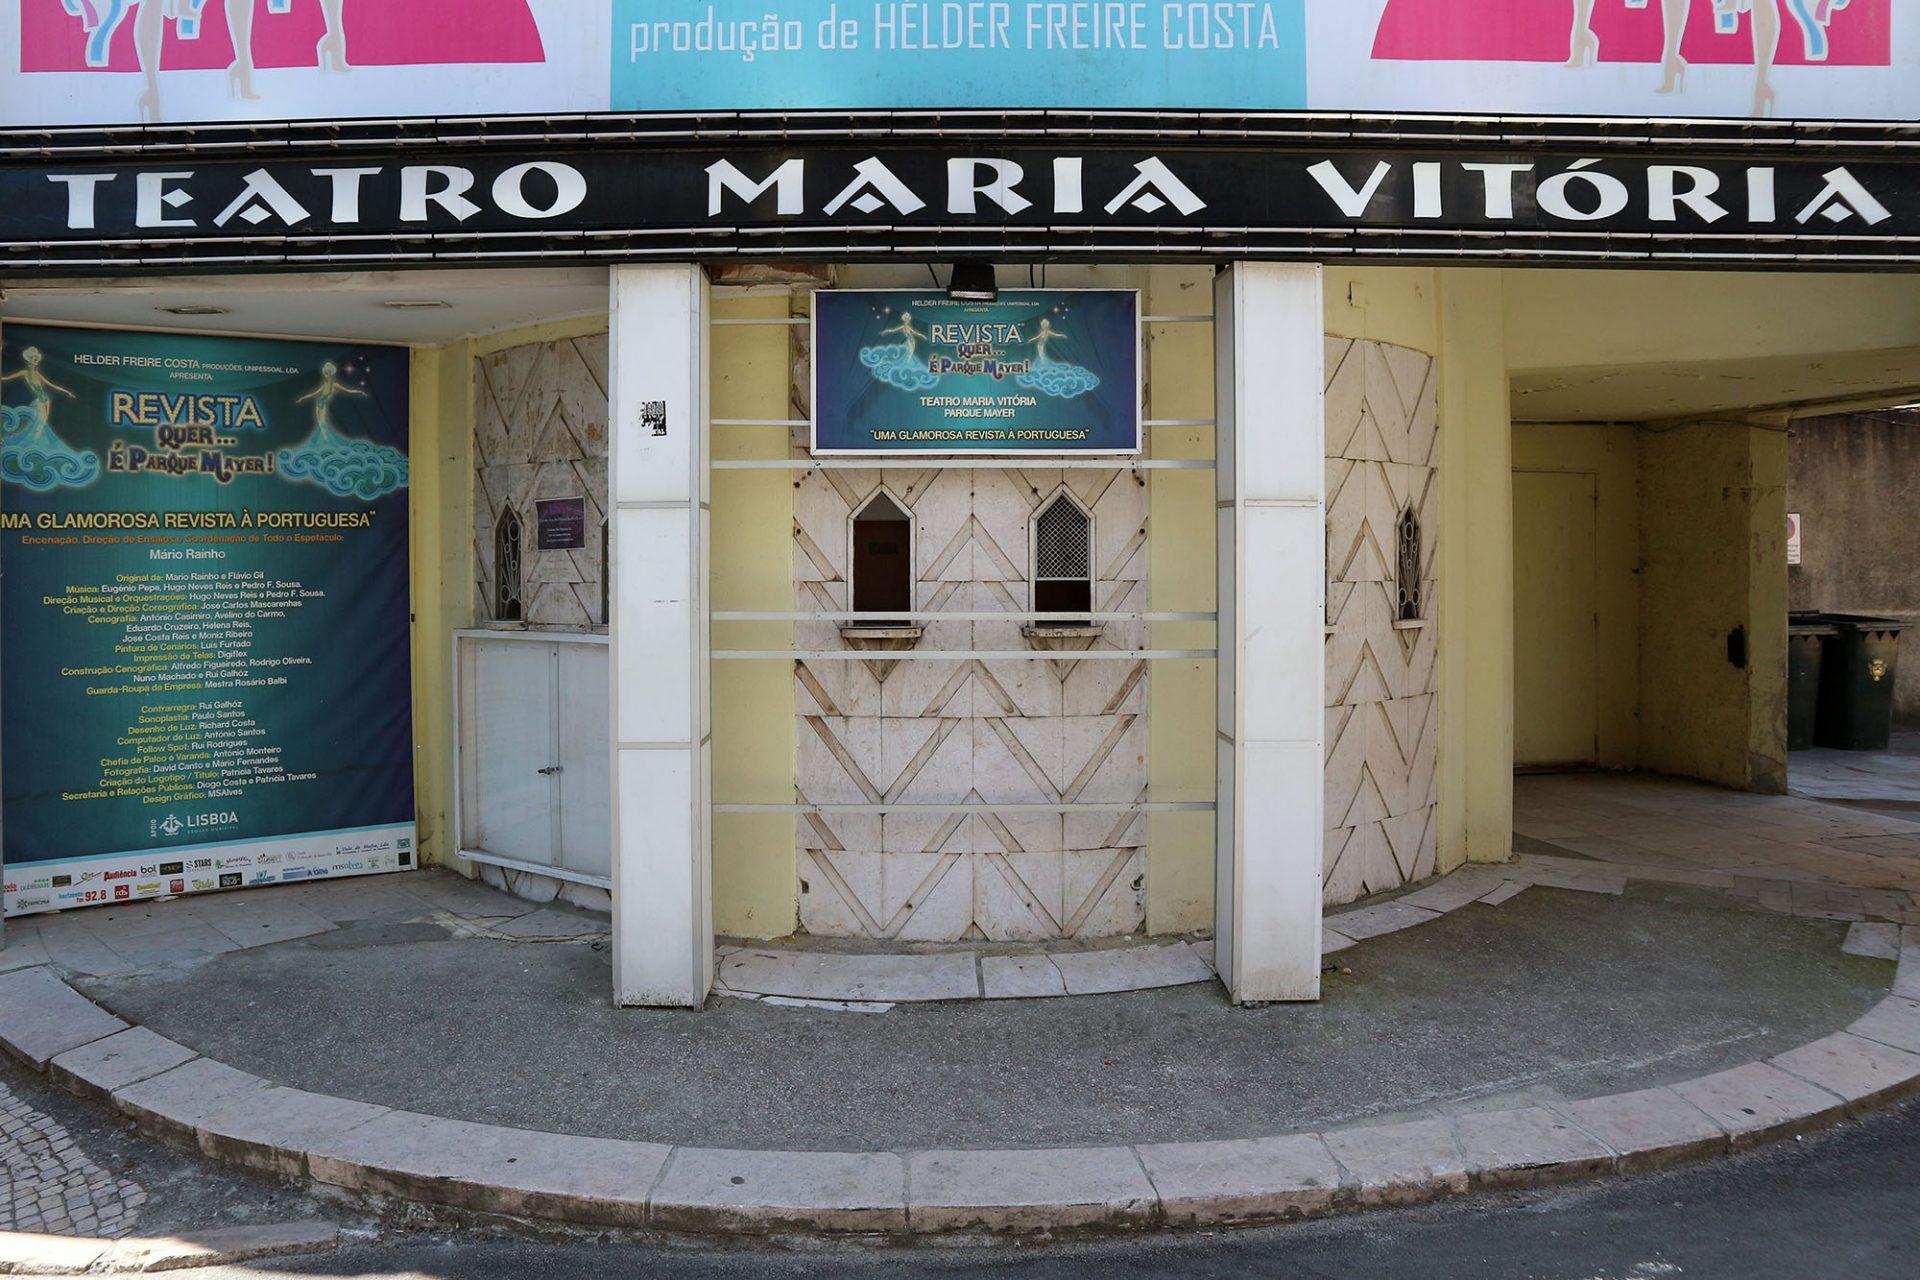 Teatro Maria Vitória.